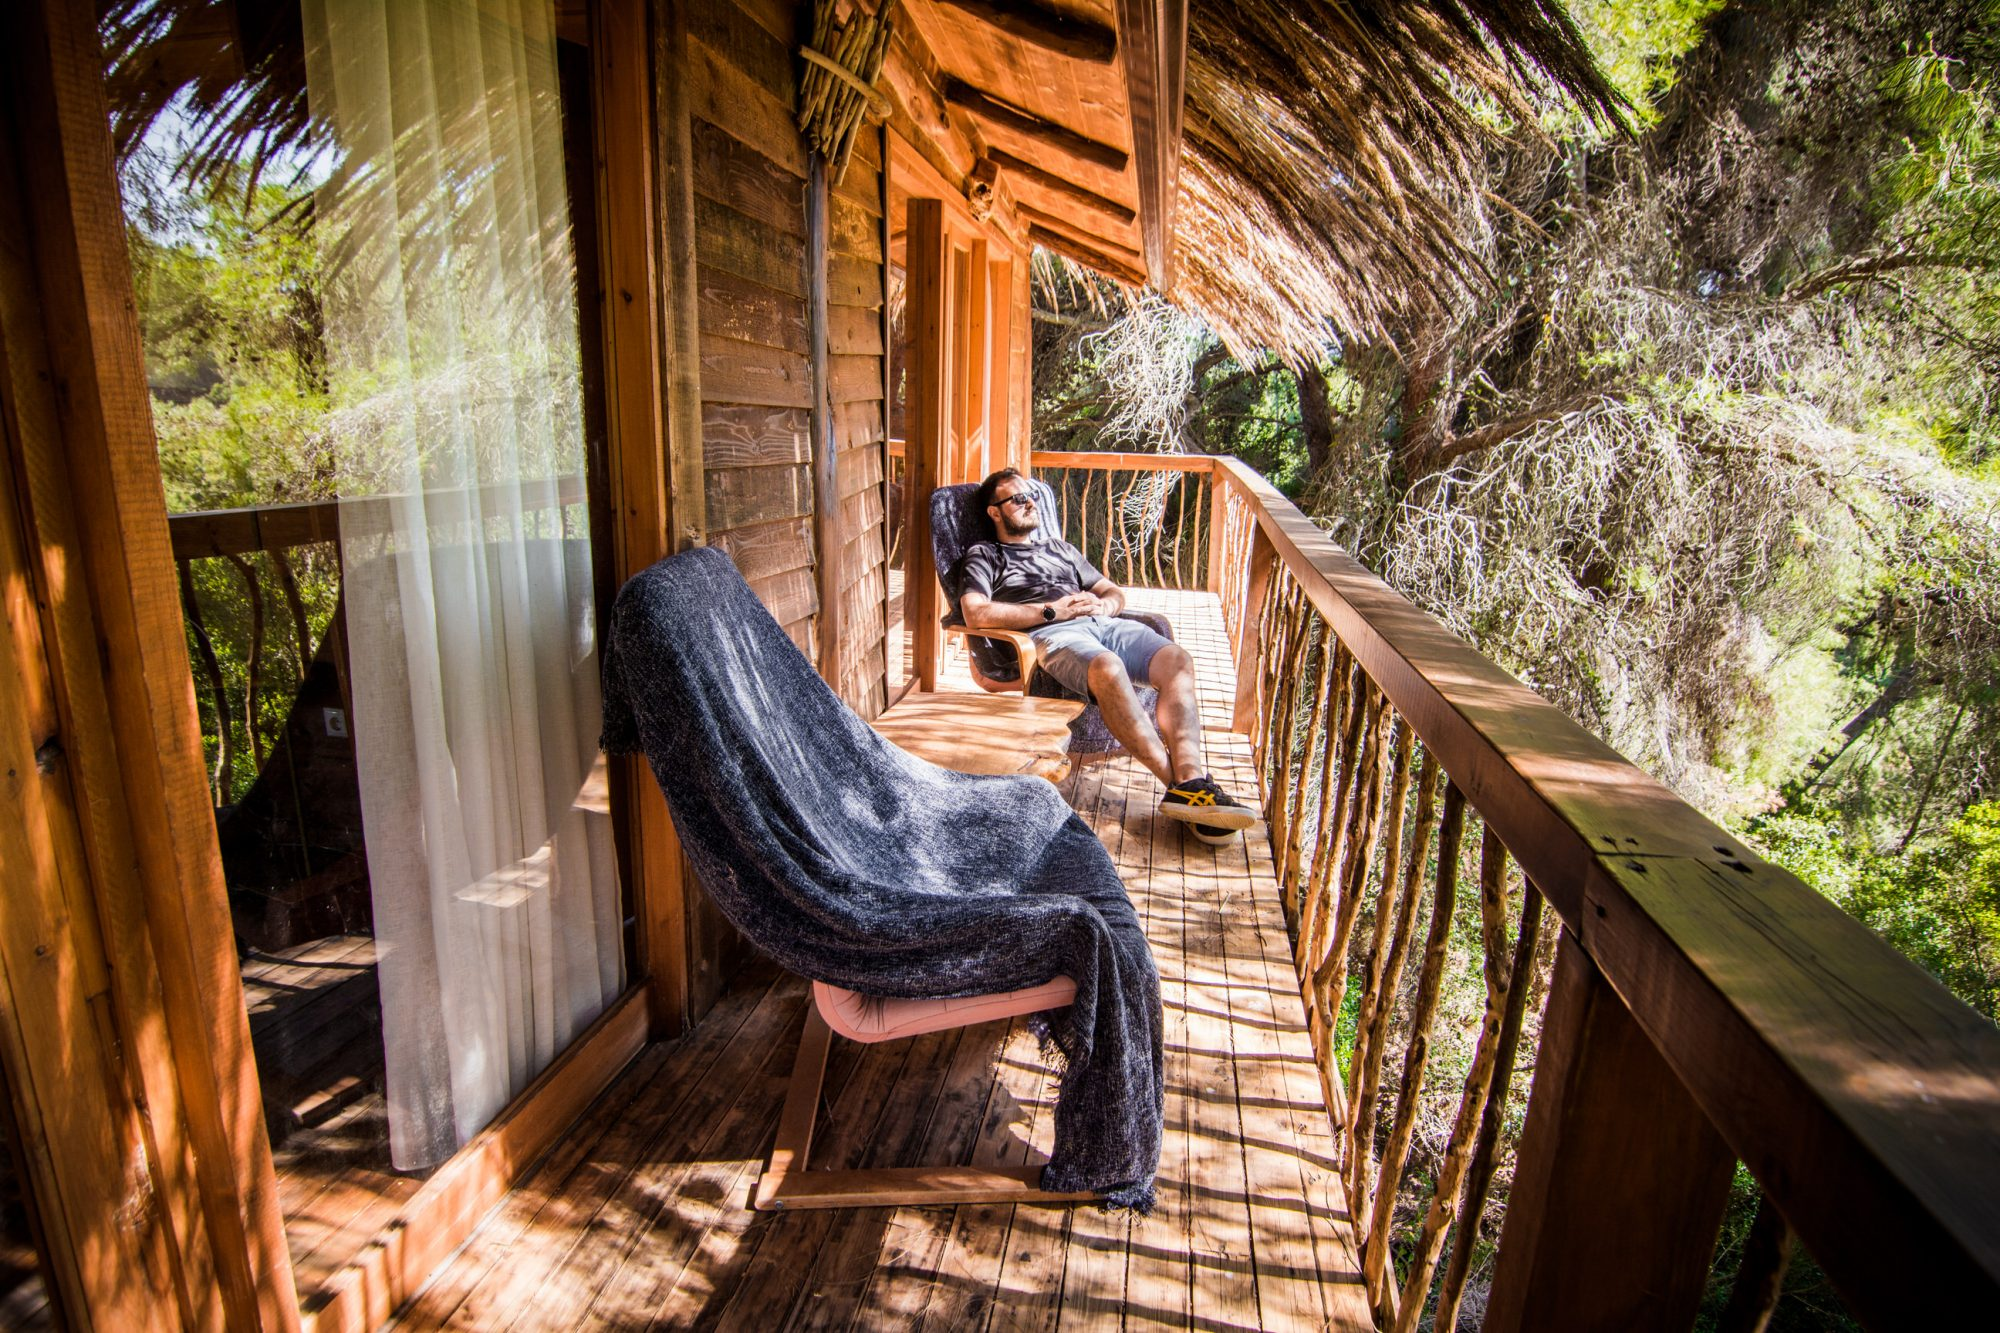 Ειδυλλιακές διακοπές σε δεντρόσπιτο: Εσύ θα το τολμούσες;